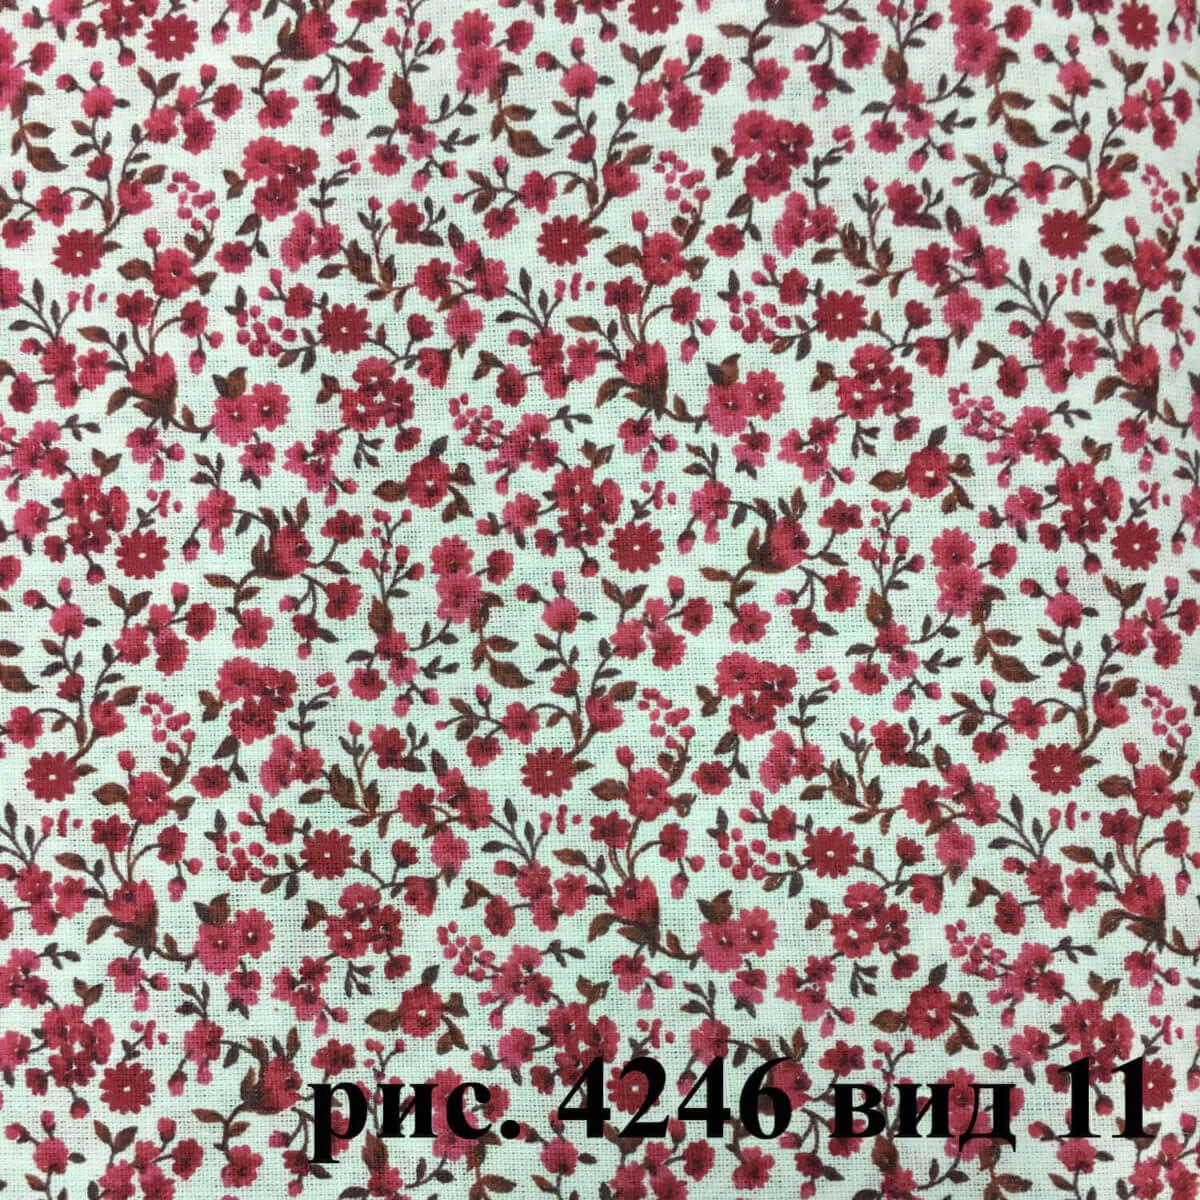 Фото 16 - Плательная ткань бязь 220 см (4246/11).